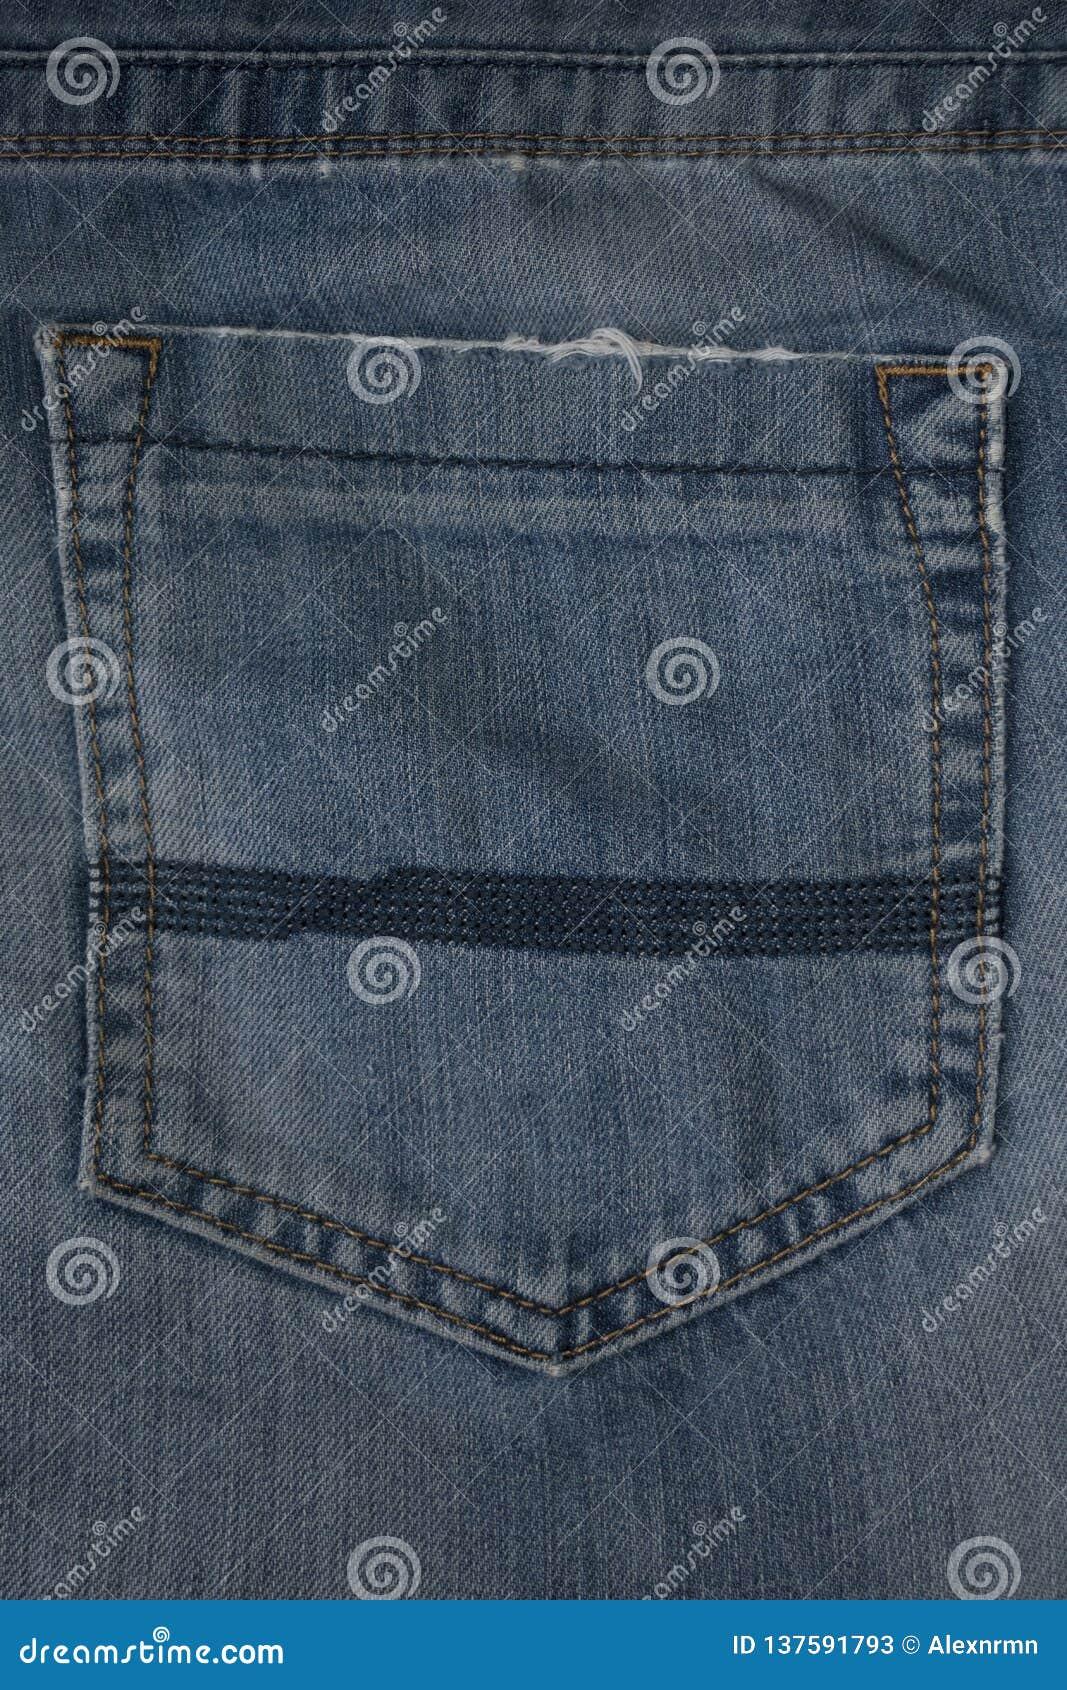 Denimbeschaffenheitshintergrund, abgenutzte Jeans und Denimtasche